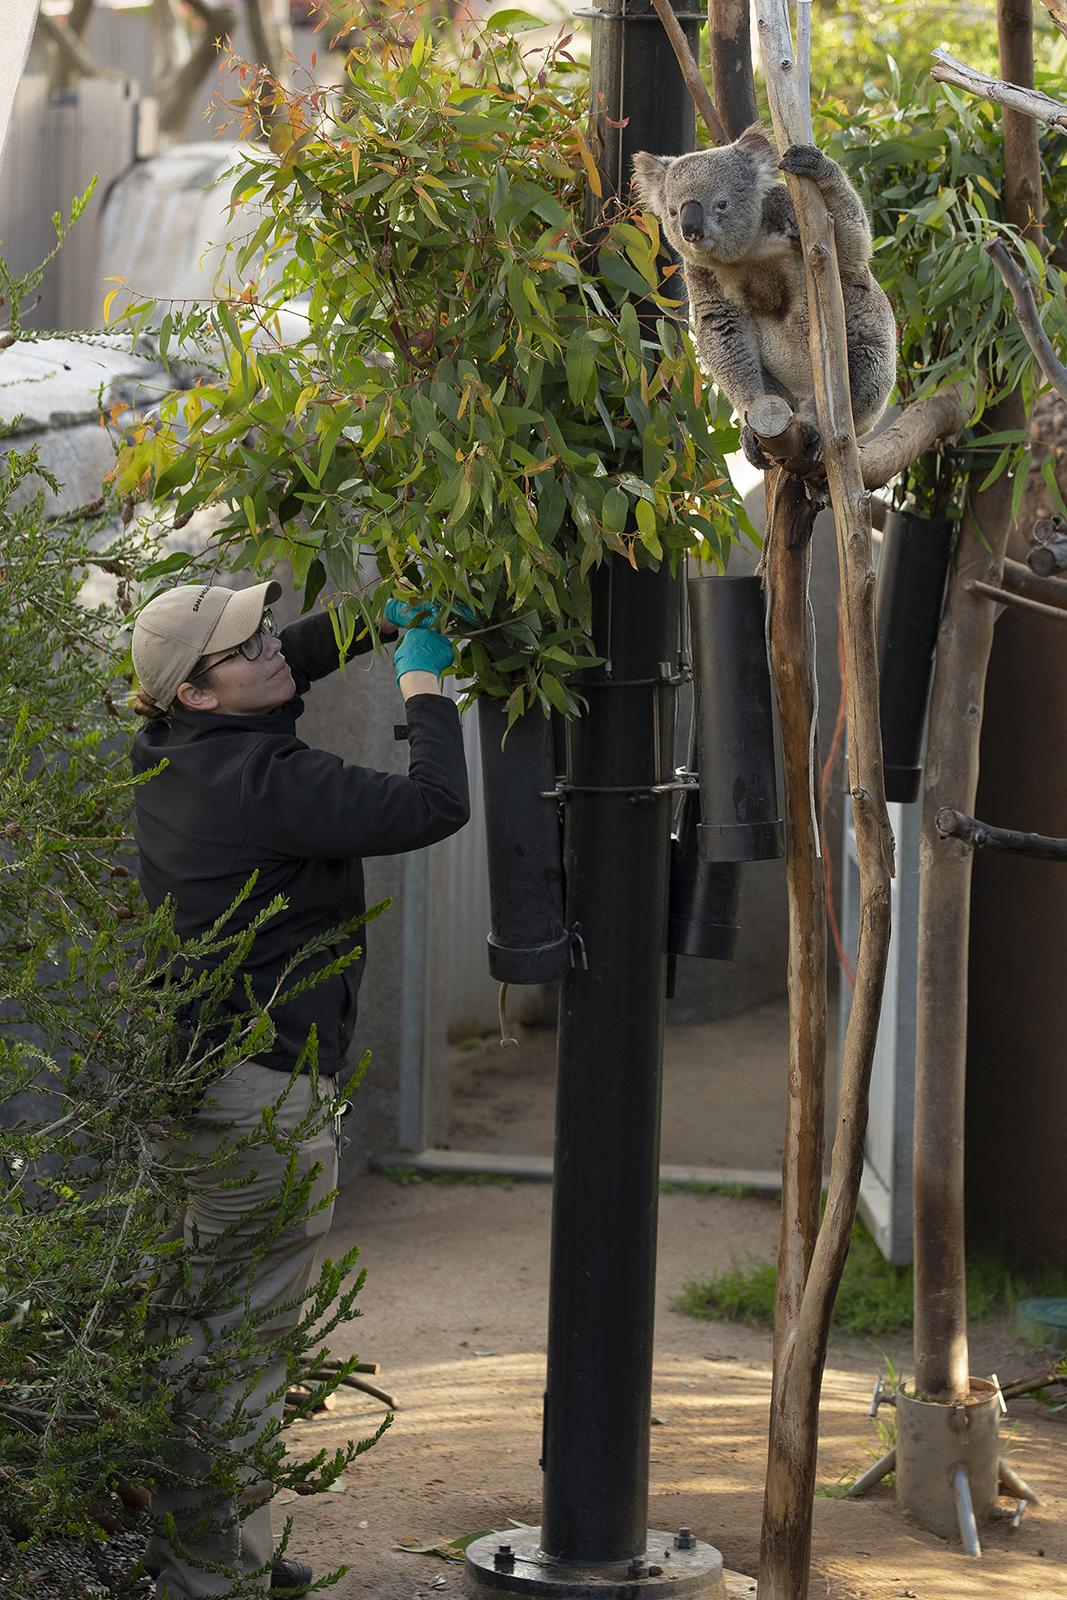 A Koala hangs from a tree. | Taken on March 25, 2020 by Tammy Spratt/San Diego Zoo